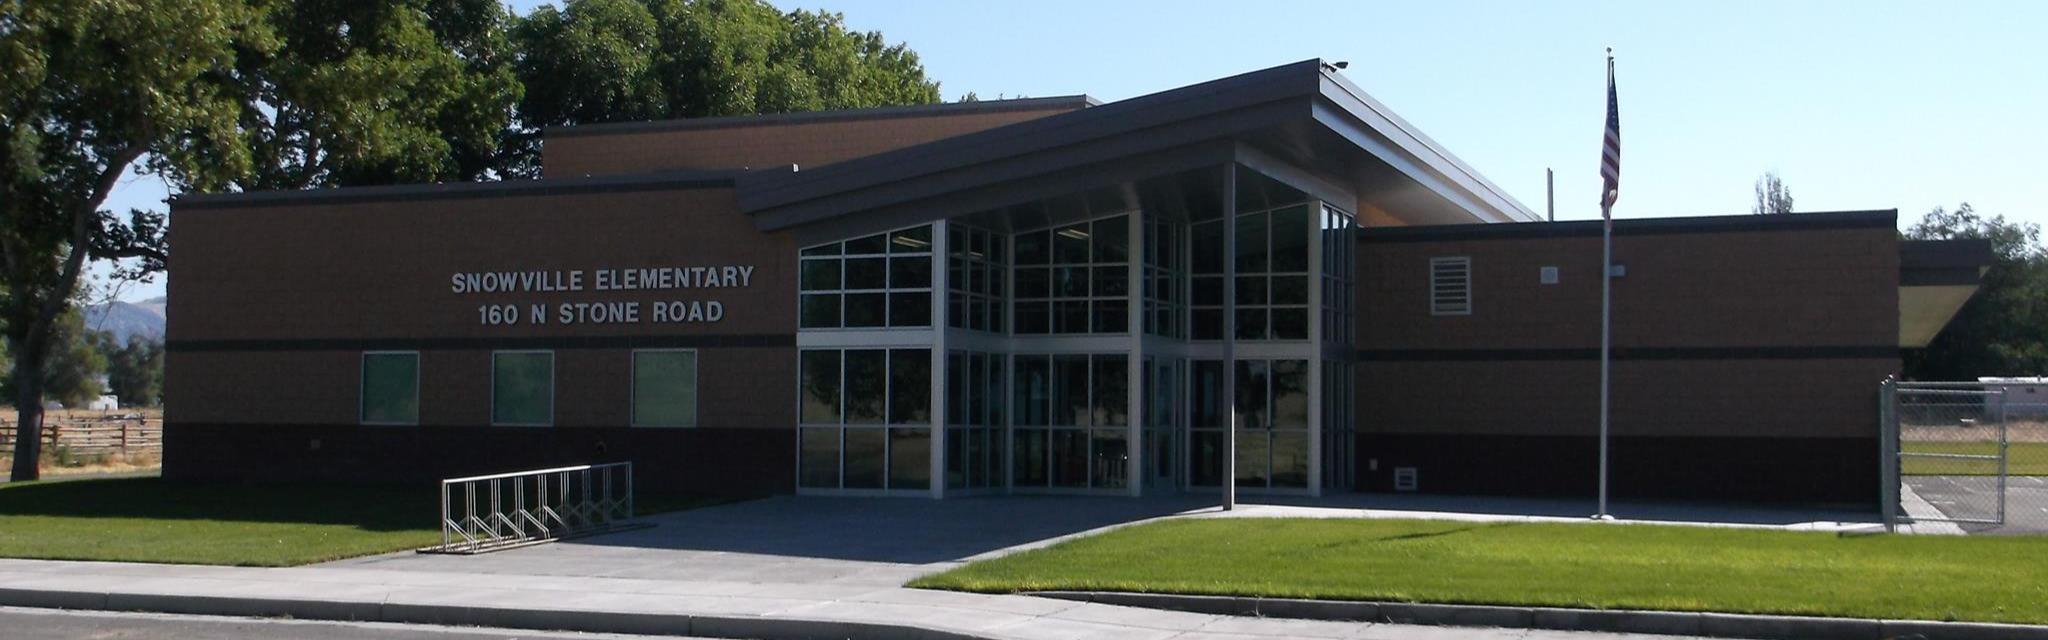 Snowville Elementary School